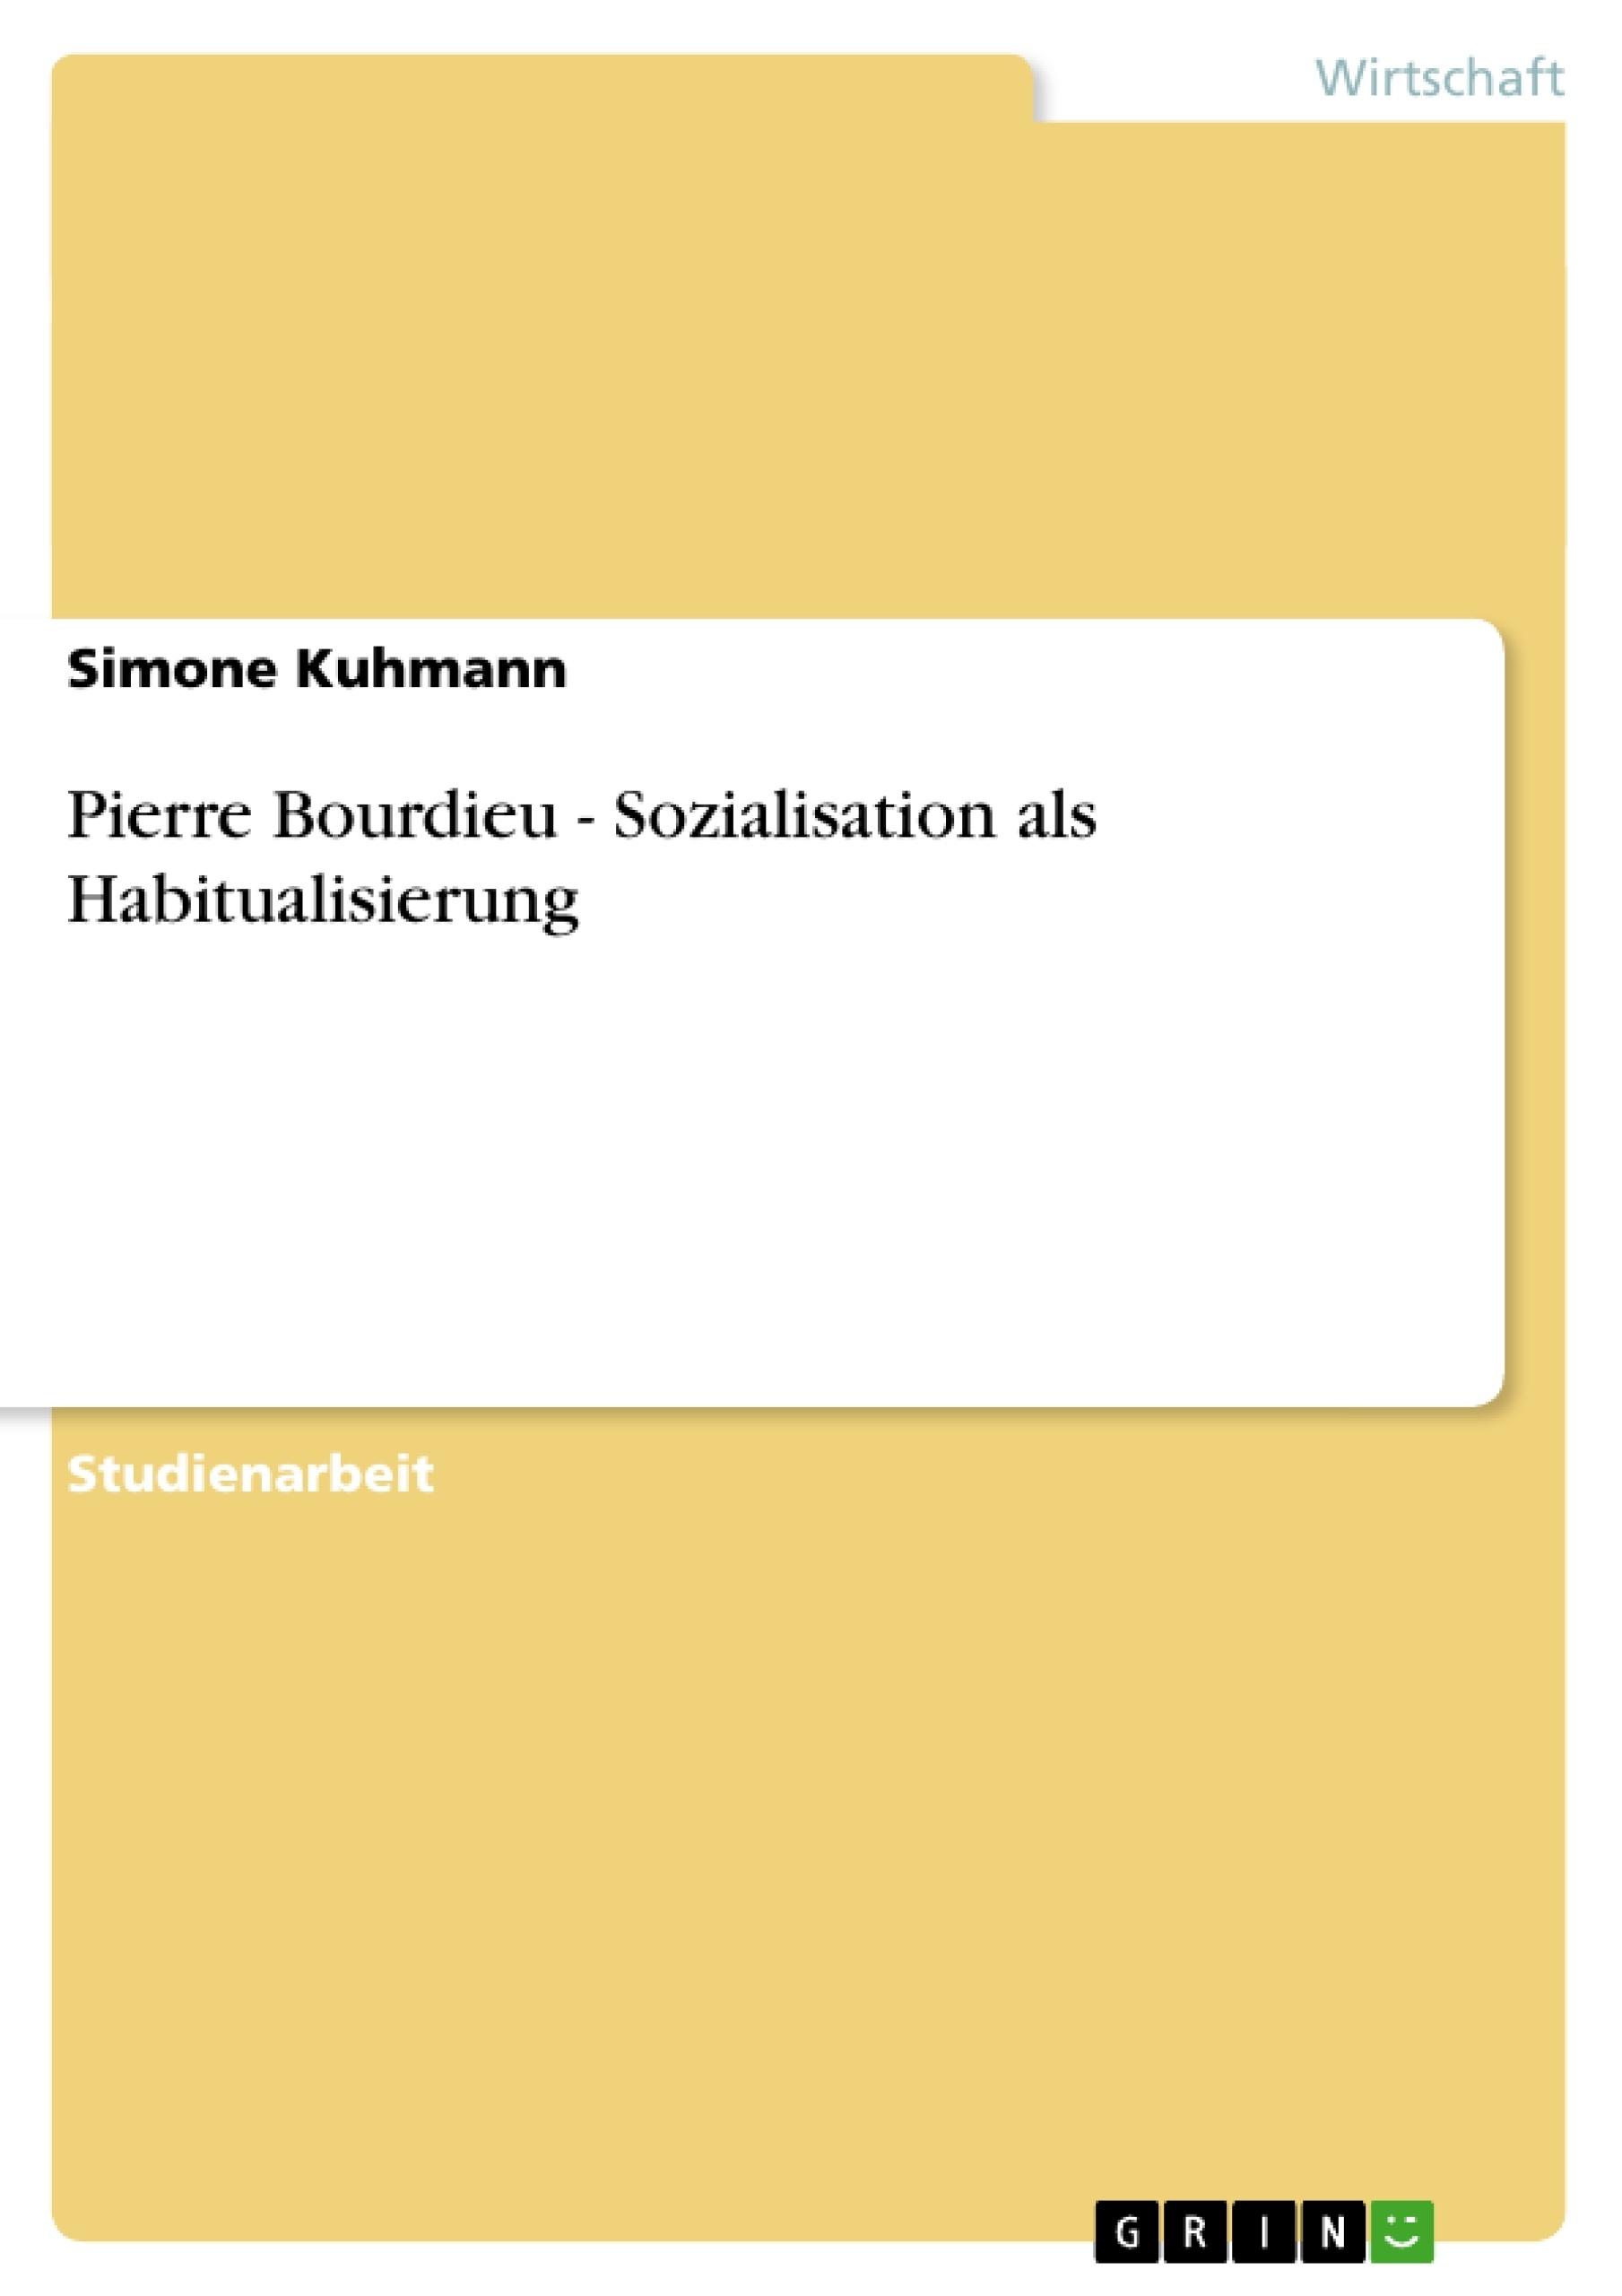 Titel: Pierre Bourdieu - Sozialisation als Habitualisierung